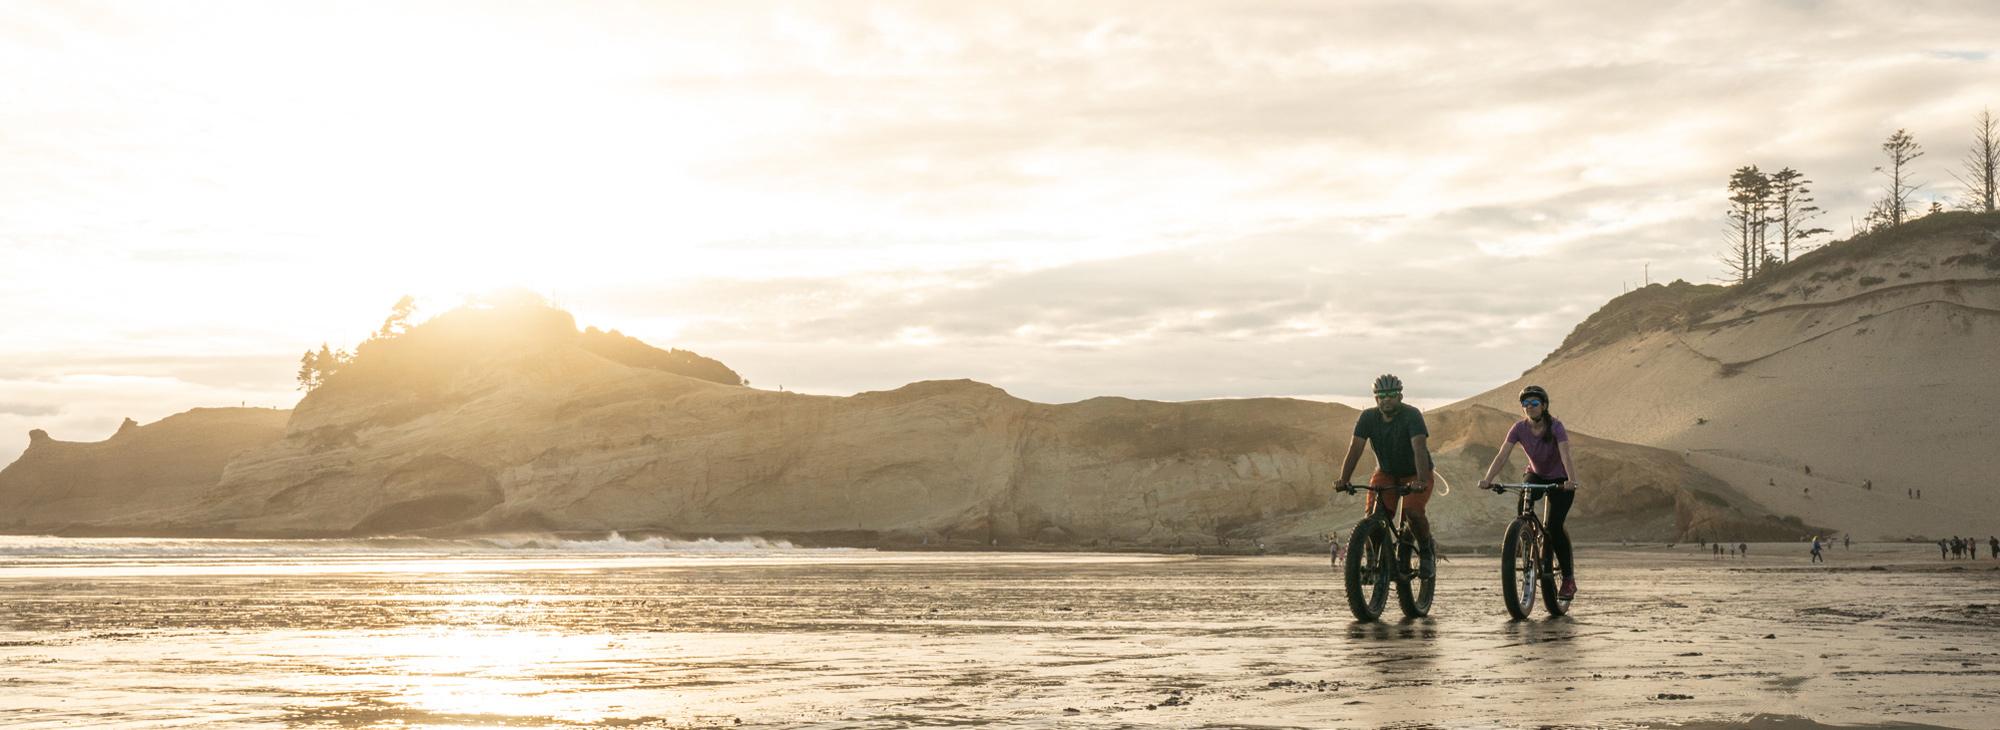 HERO-Fat_Biking_Coast_Pacific_City_TO_VanWeelden-25.jpg